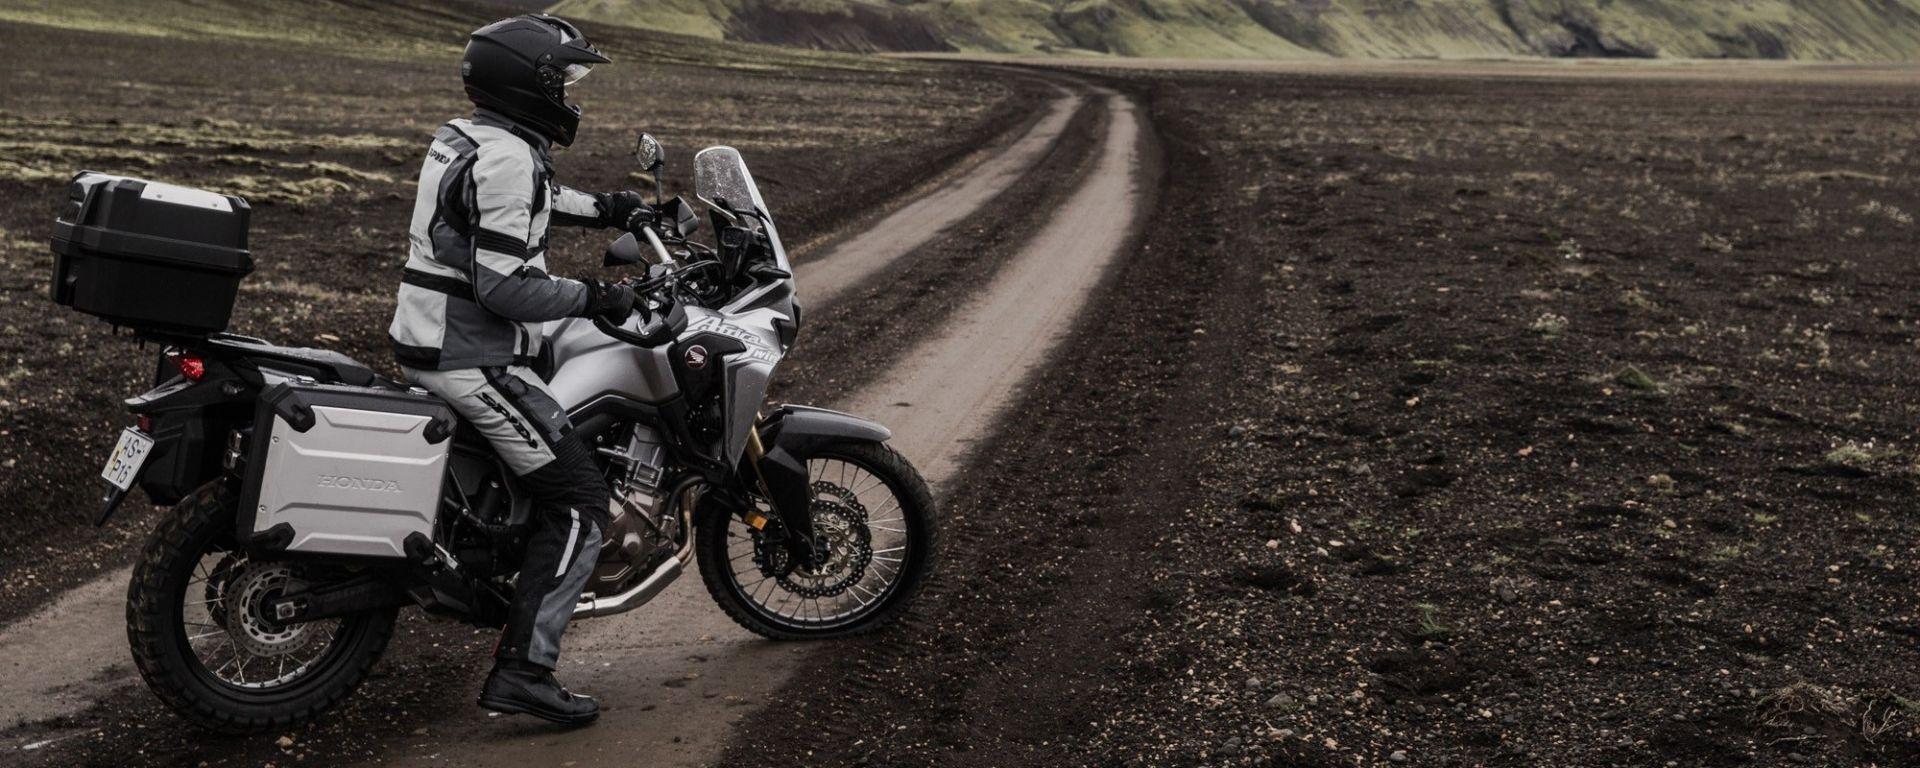 Spidi Globetracker: la giacca impermeabile per i viaggi in moto